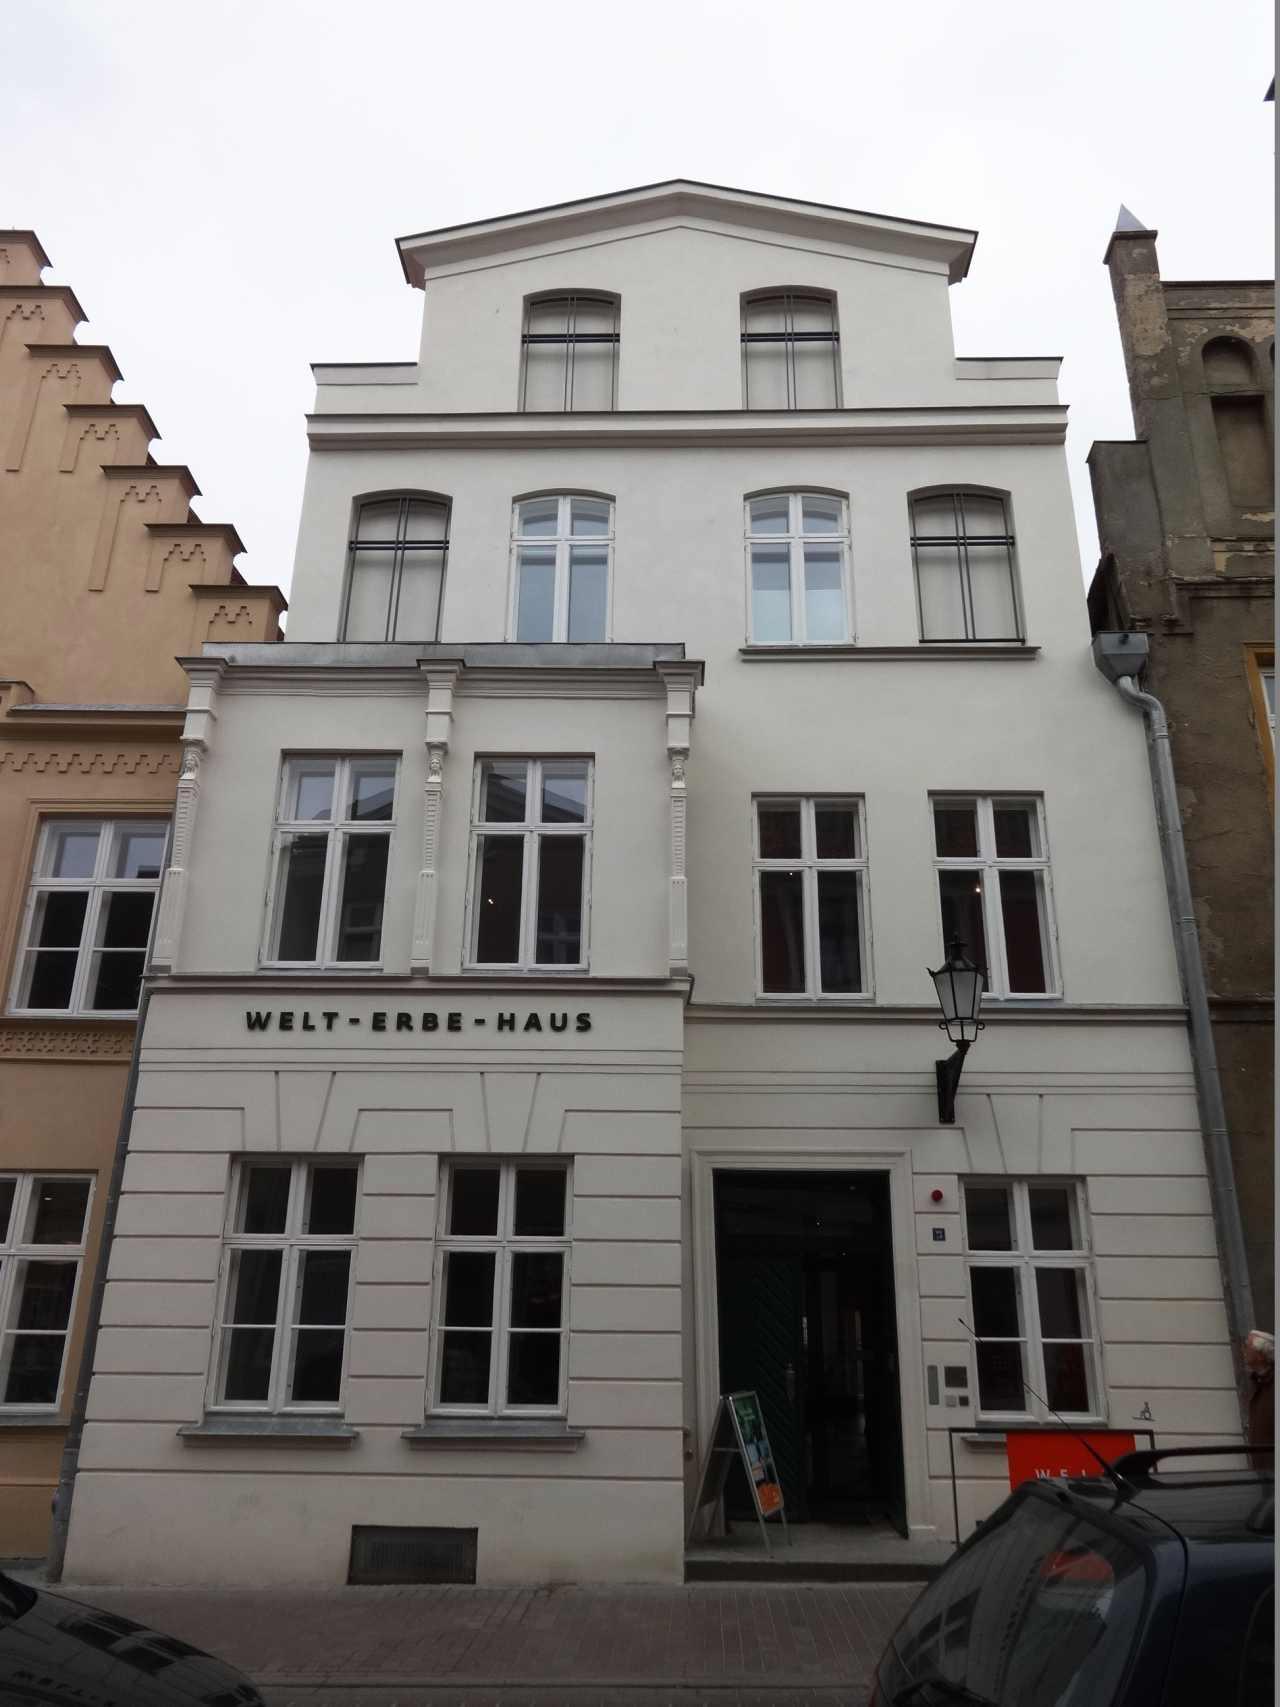 Welt-Erbe-Haus, Wismar, Germany